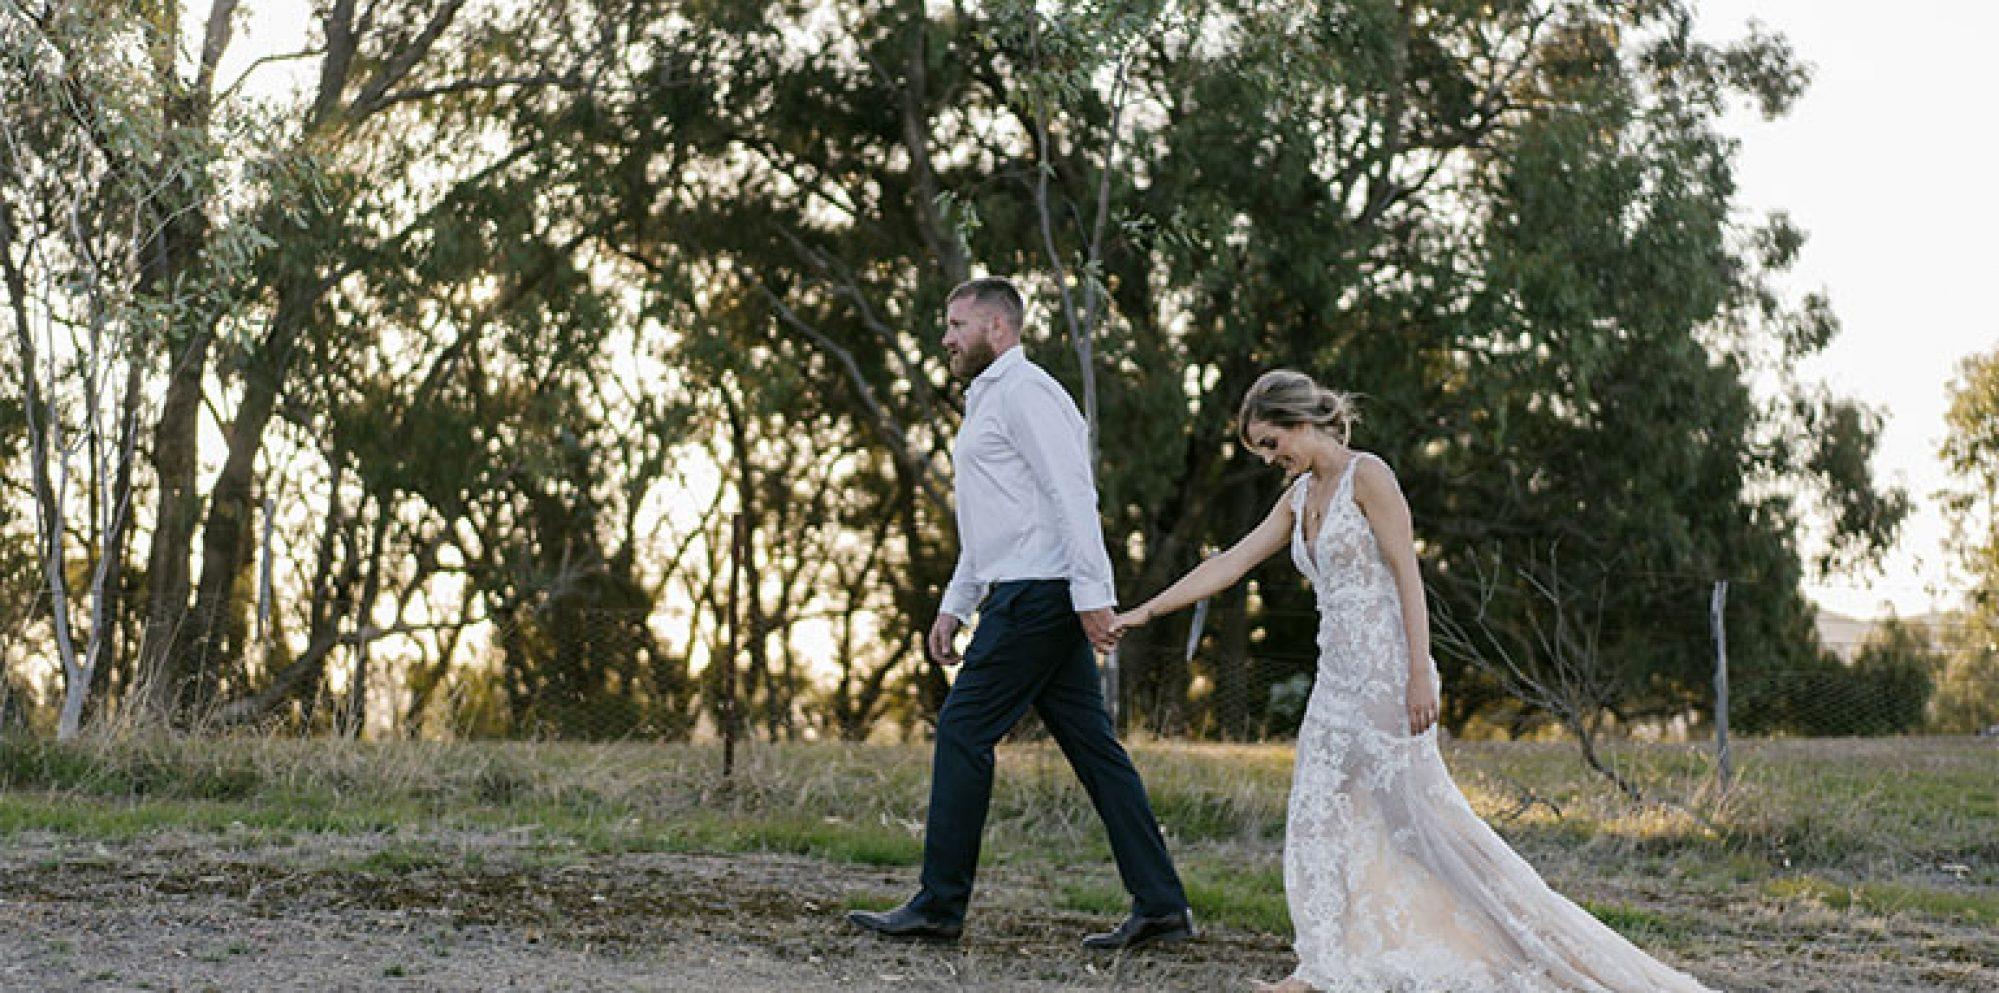 Wedding videography workshop melbourne